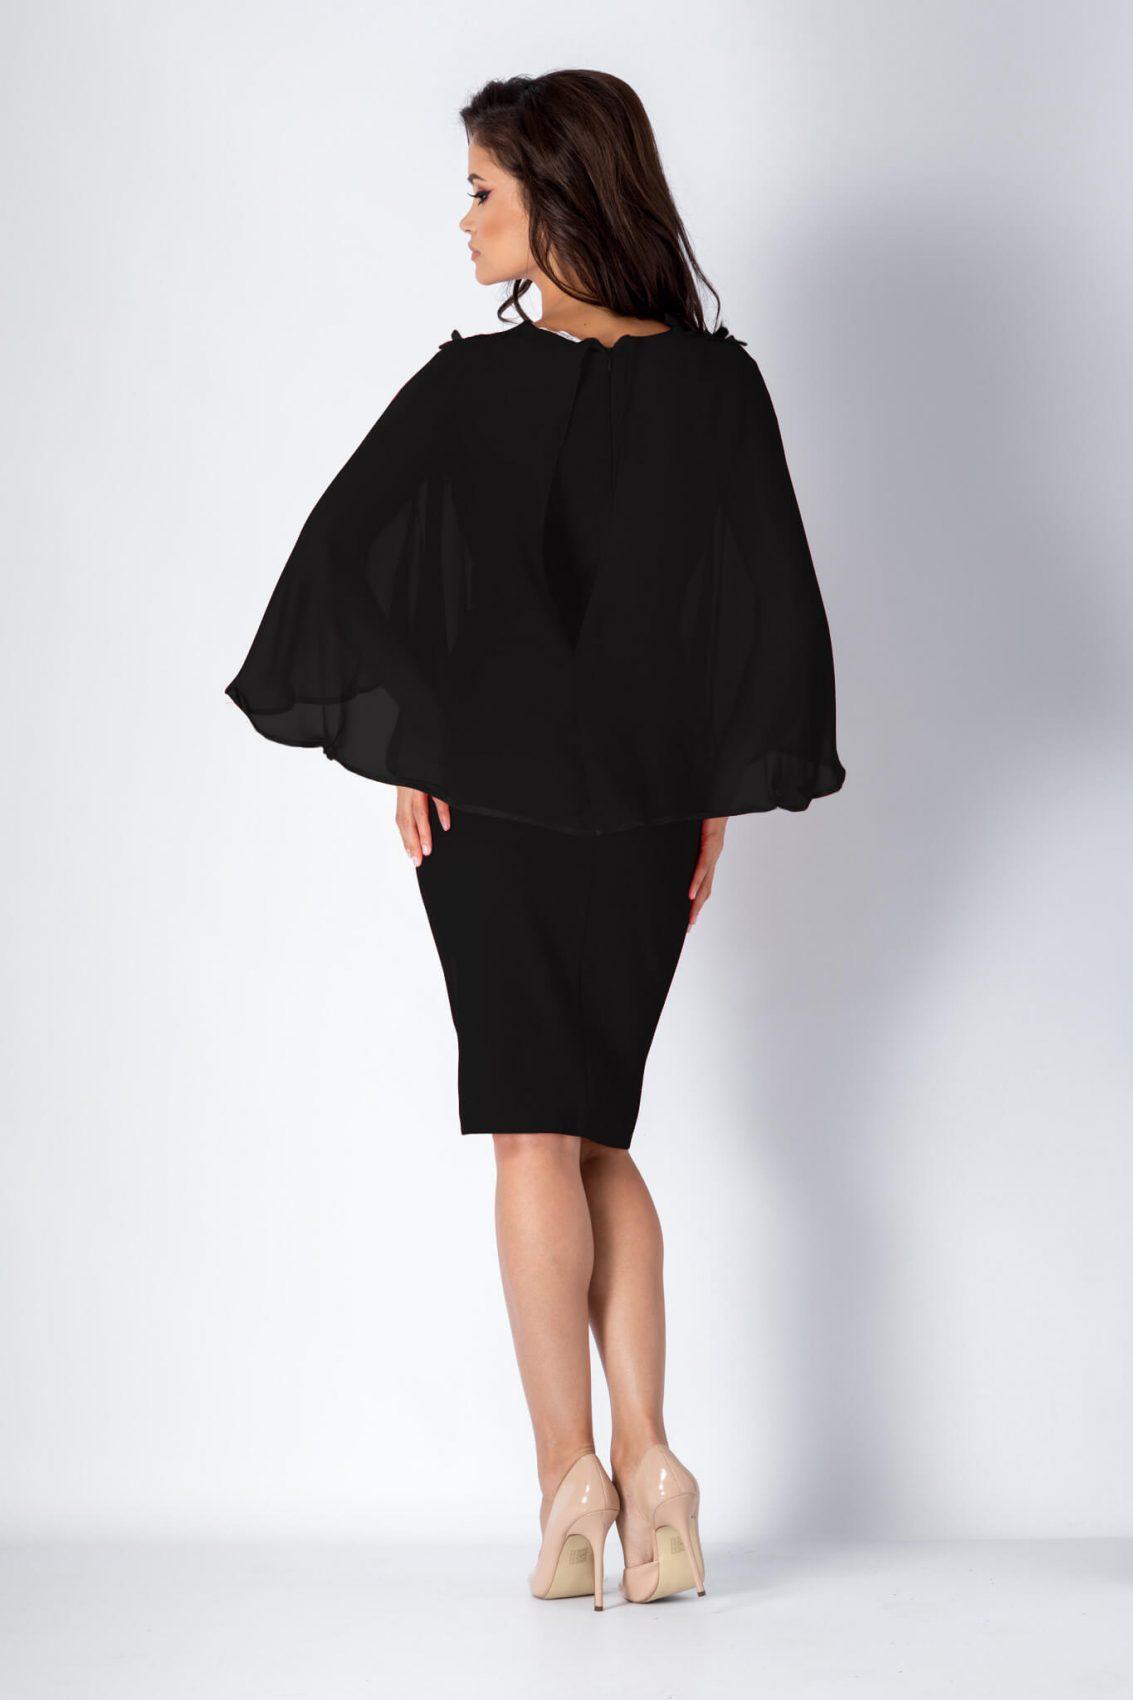 Calliope Μαύρο Φόρεμα 1179